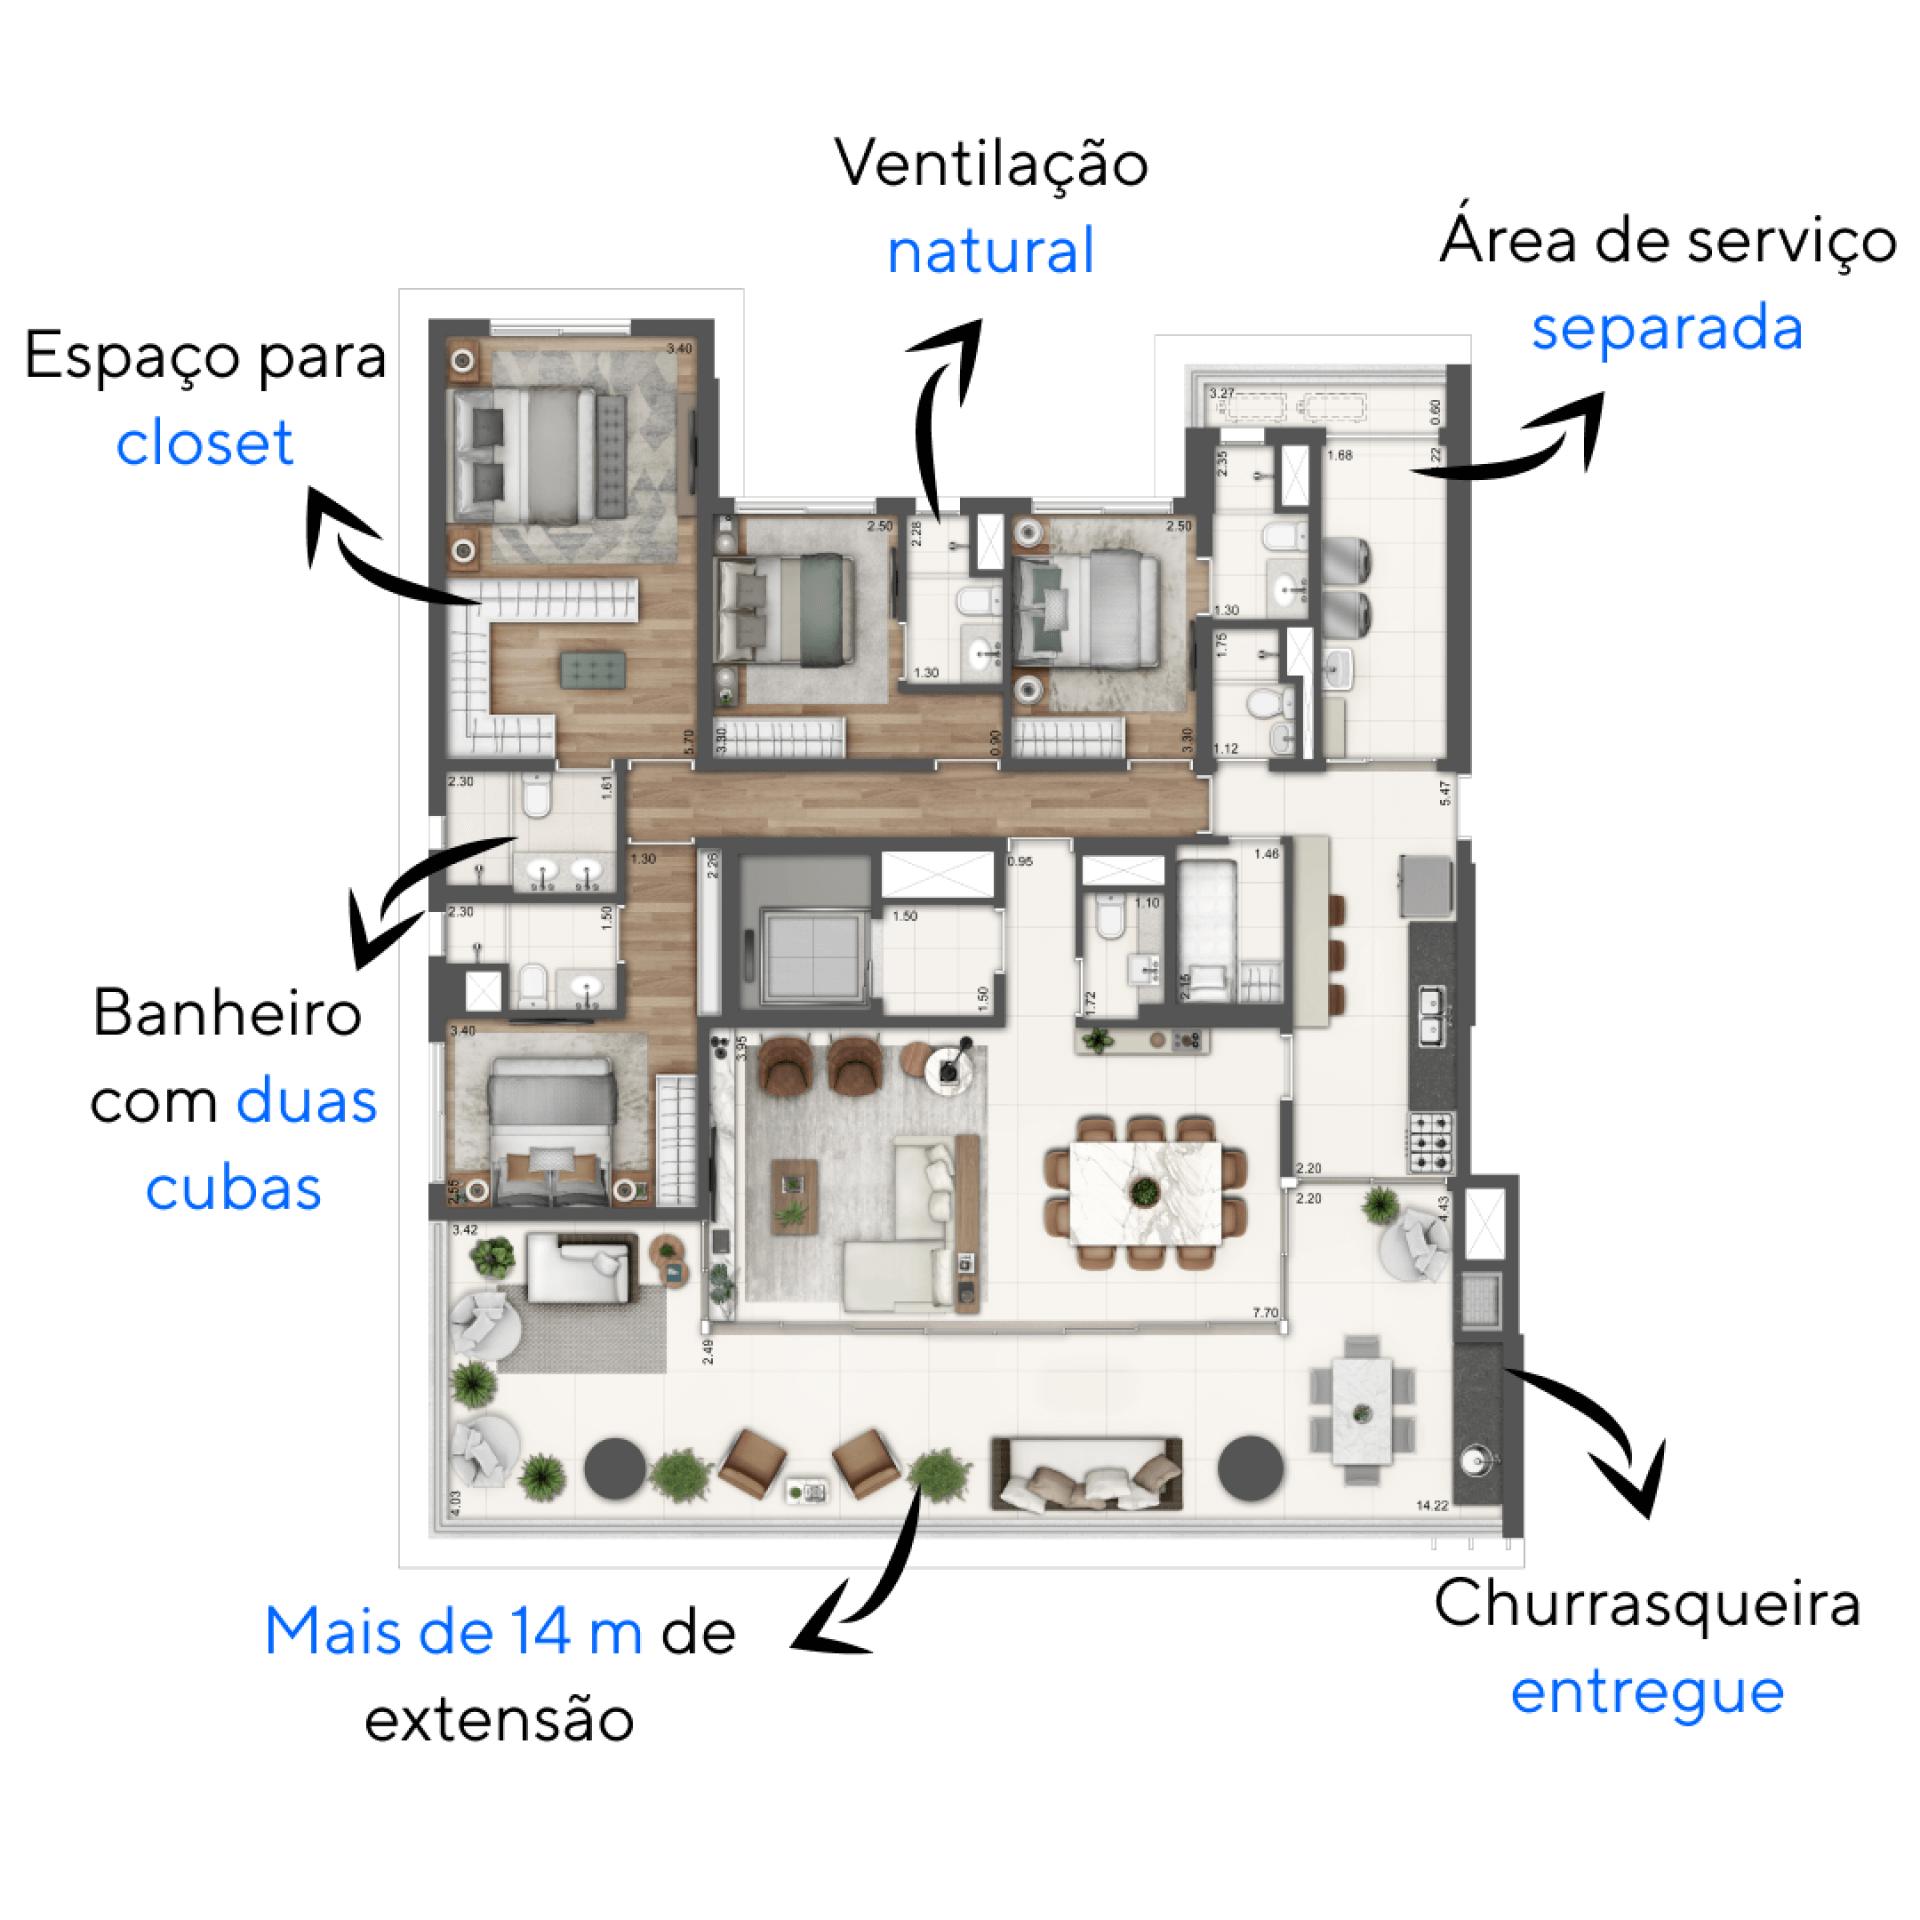 206 M² - 4 SUÍTES. Apartamentos do Balkon Campo Belo com suítes completas para aproveitar os seus momentos de descanso. Conta com ar-condicionado, persiana de enrolar nas janelas, espaço para cama de casal e banheiros com ventilação natural.